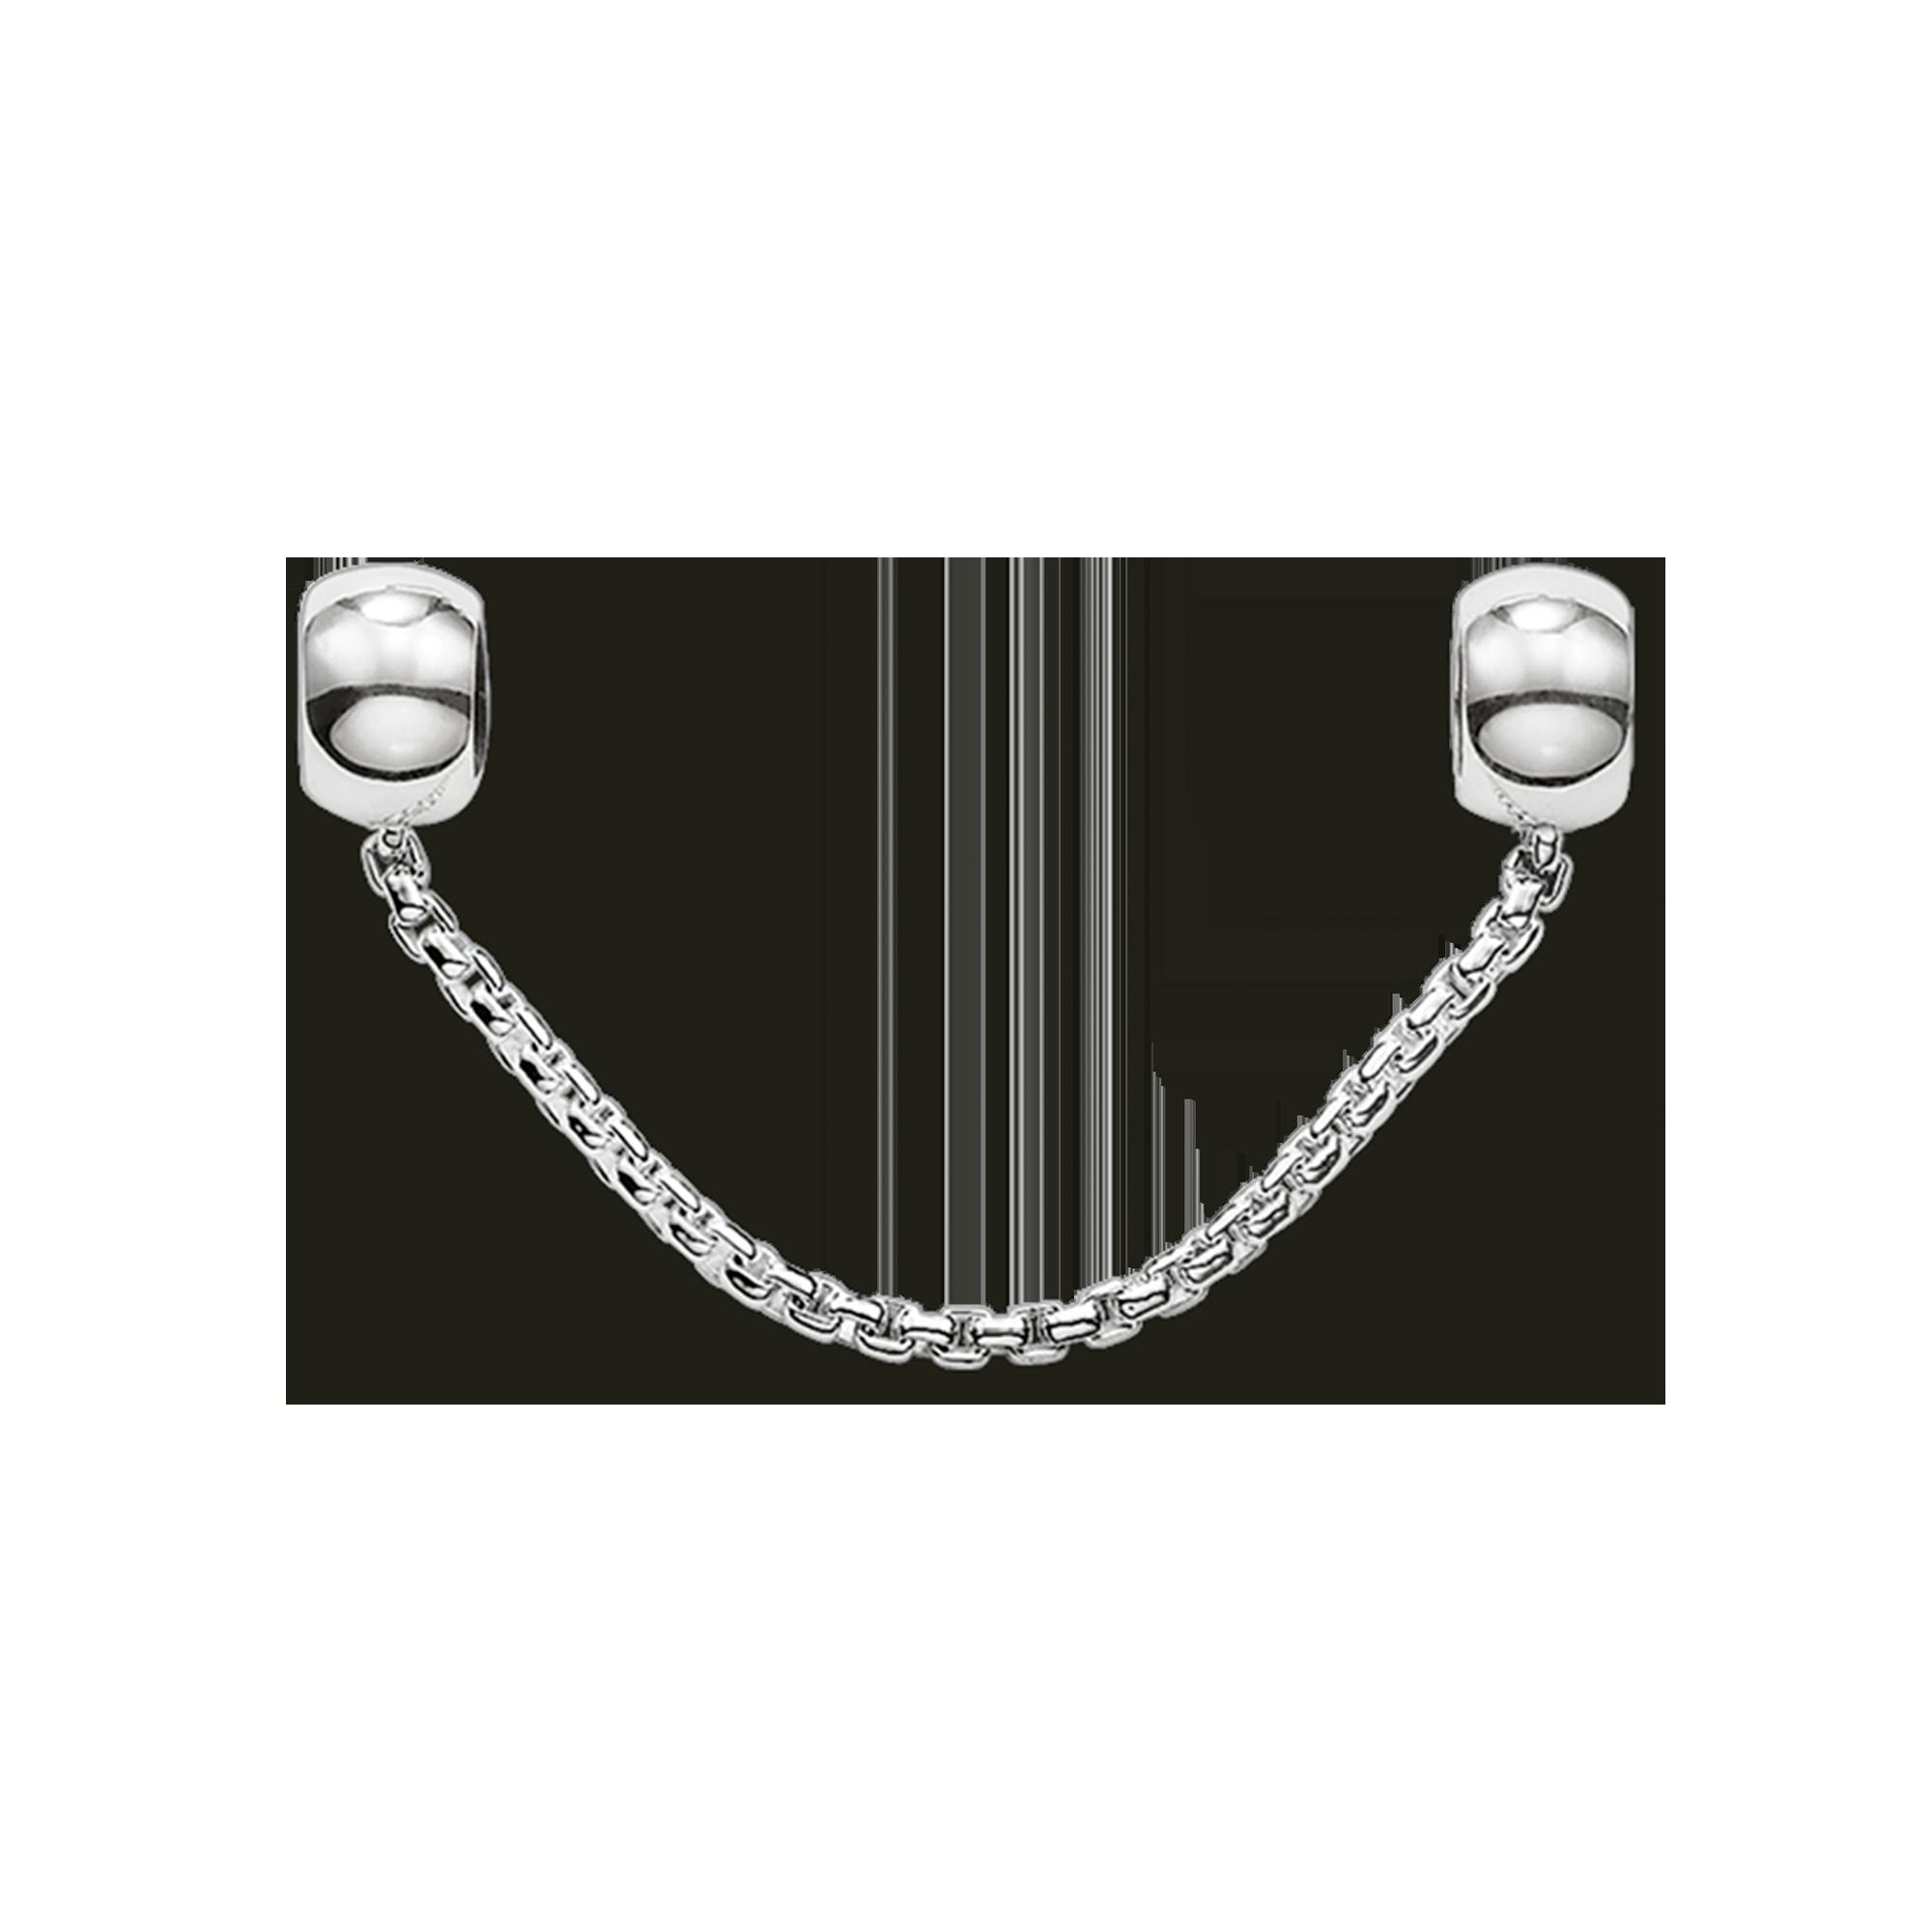 Thomas Sabo - safety chain - 1